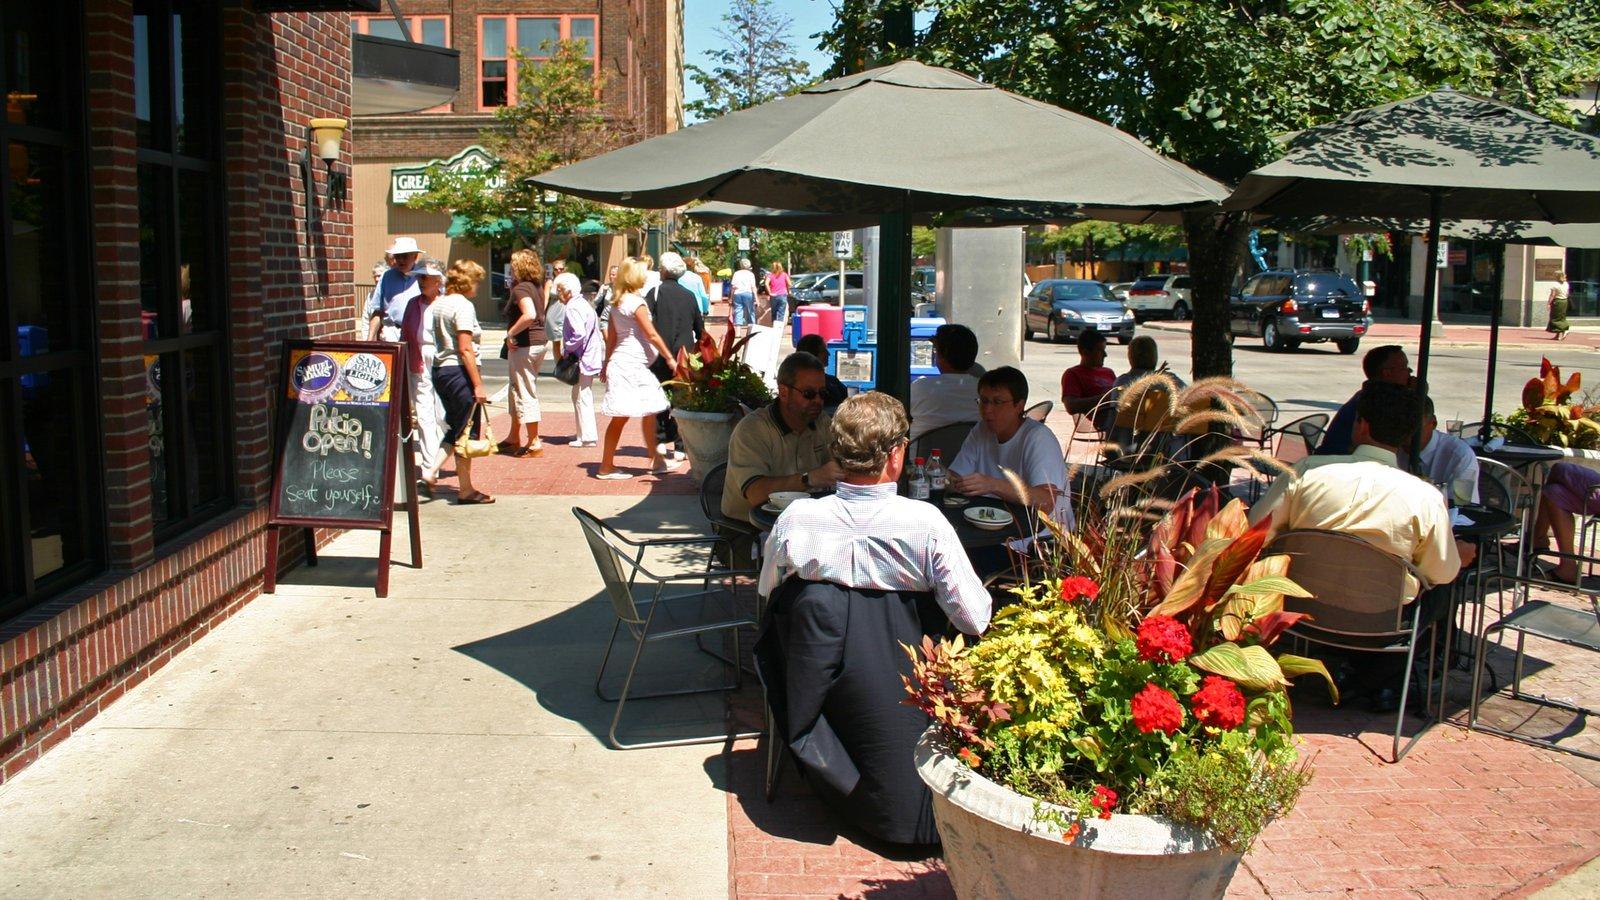 Sioux Falls que inclui estilo de vida de cafeteria e jantar ao ar livre assim como um grande grupo de pessoas